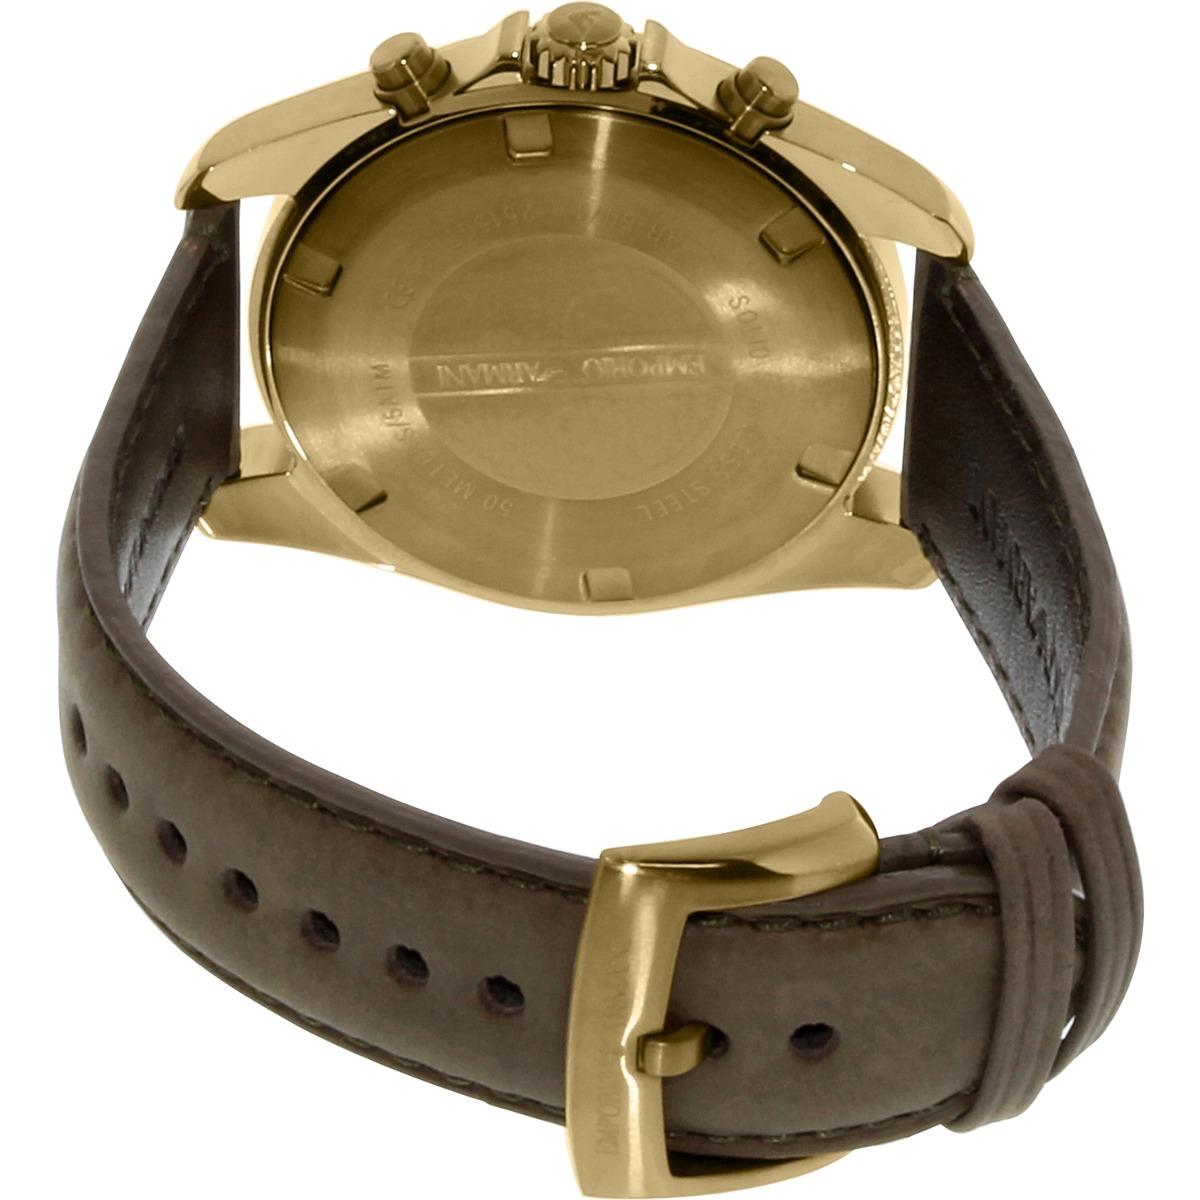 eeefc3b47ad2 reloj emporio armani para hombre ar6071 con correa de cuero. Cargando zoom.